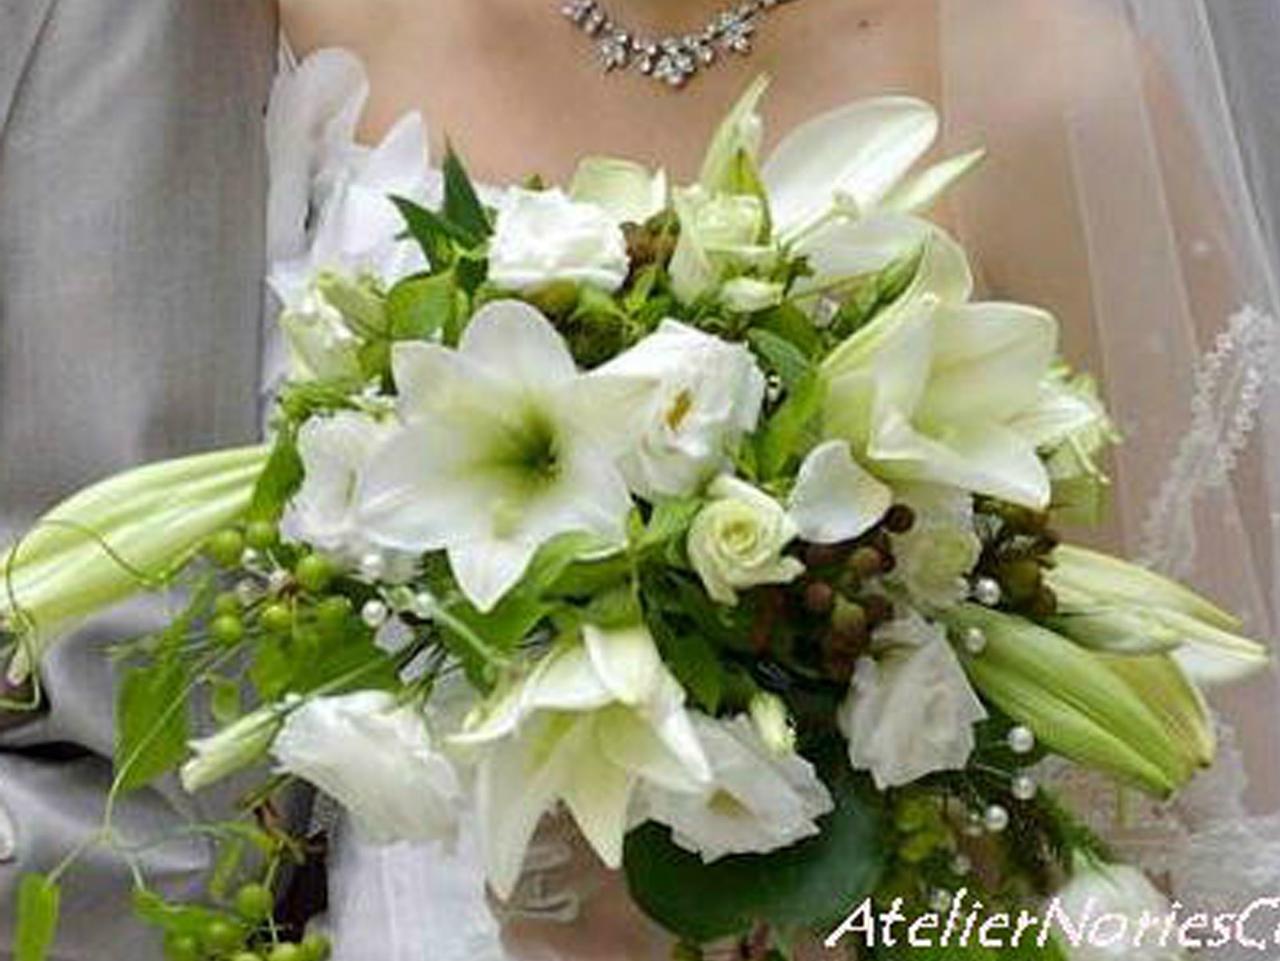 生花のテッポウユリとサンキライの横長のクレッセントブーケ